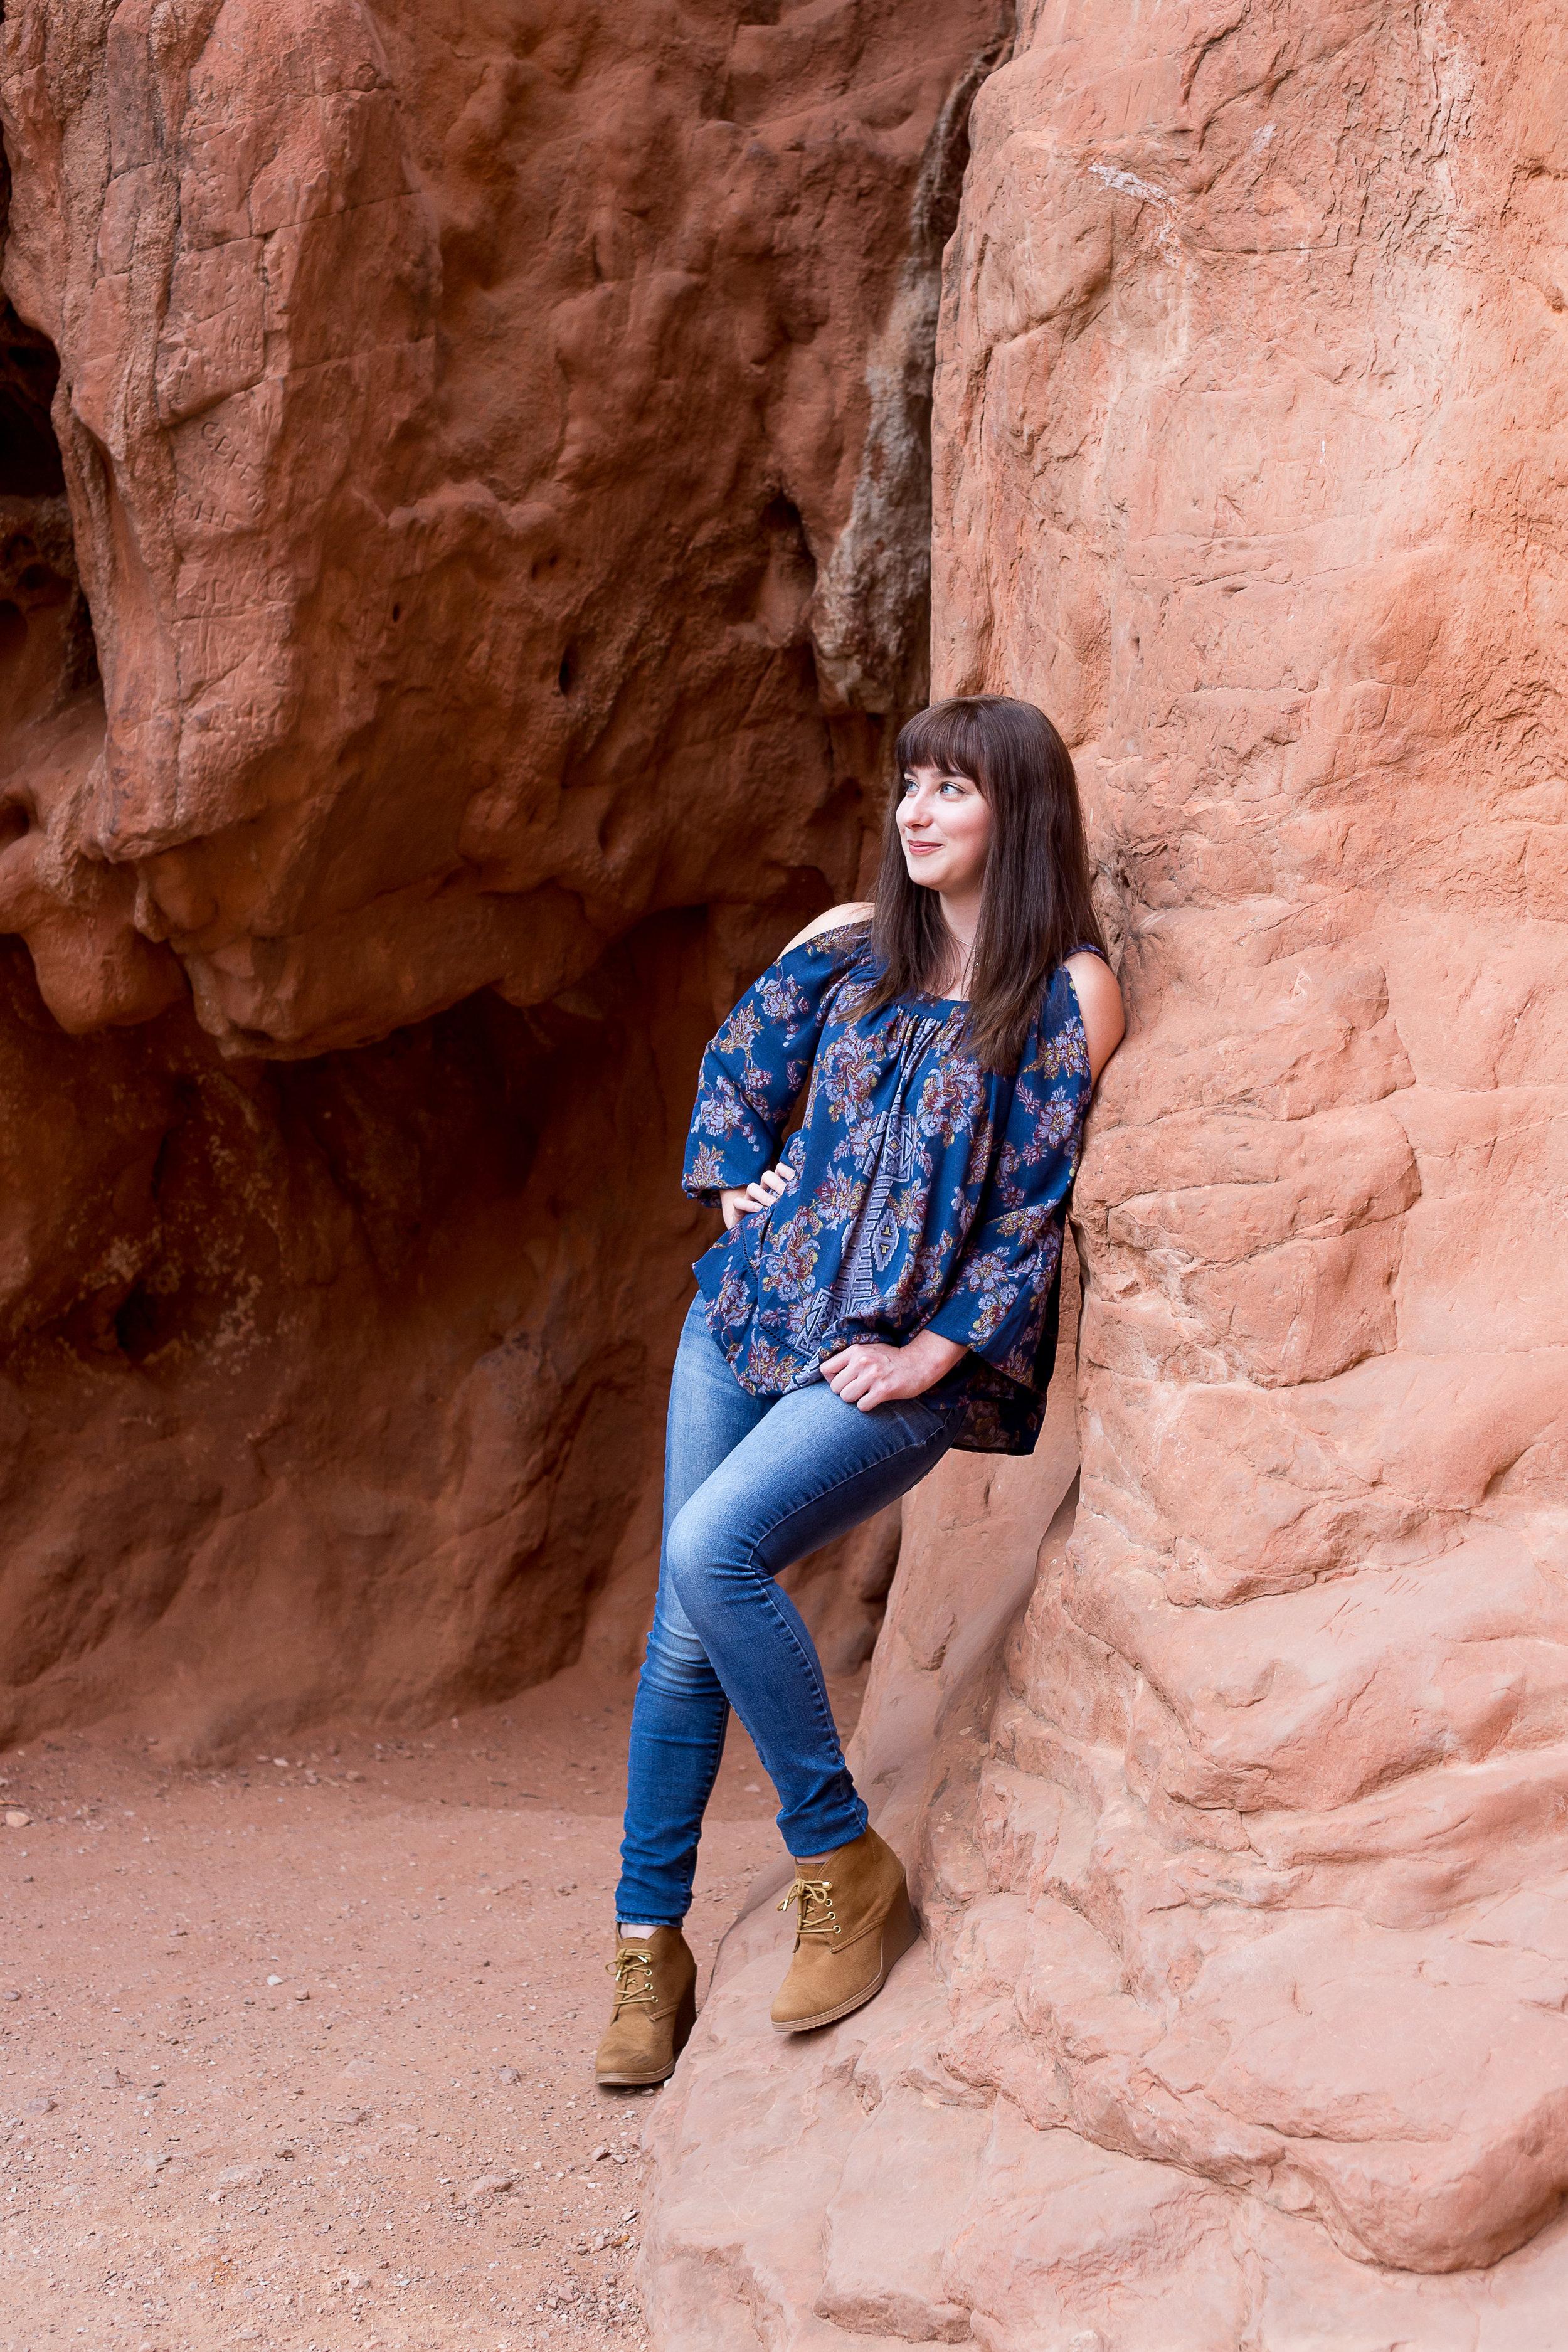 Colorado Springs Senior Portraits | Colorado Springs Garden of the Gods Senior Photography | Stacy Carosa Photography